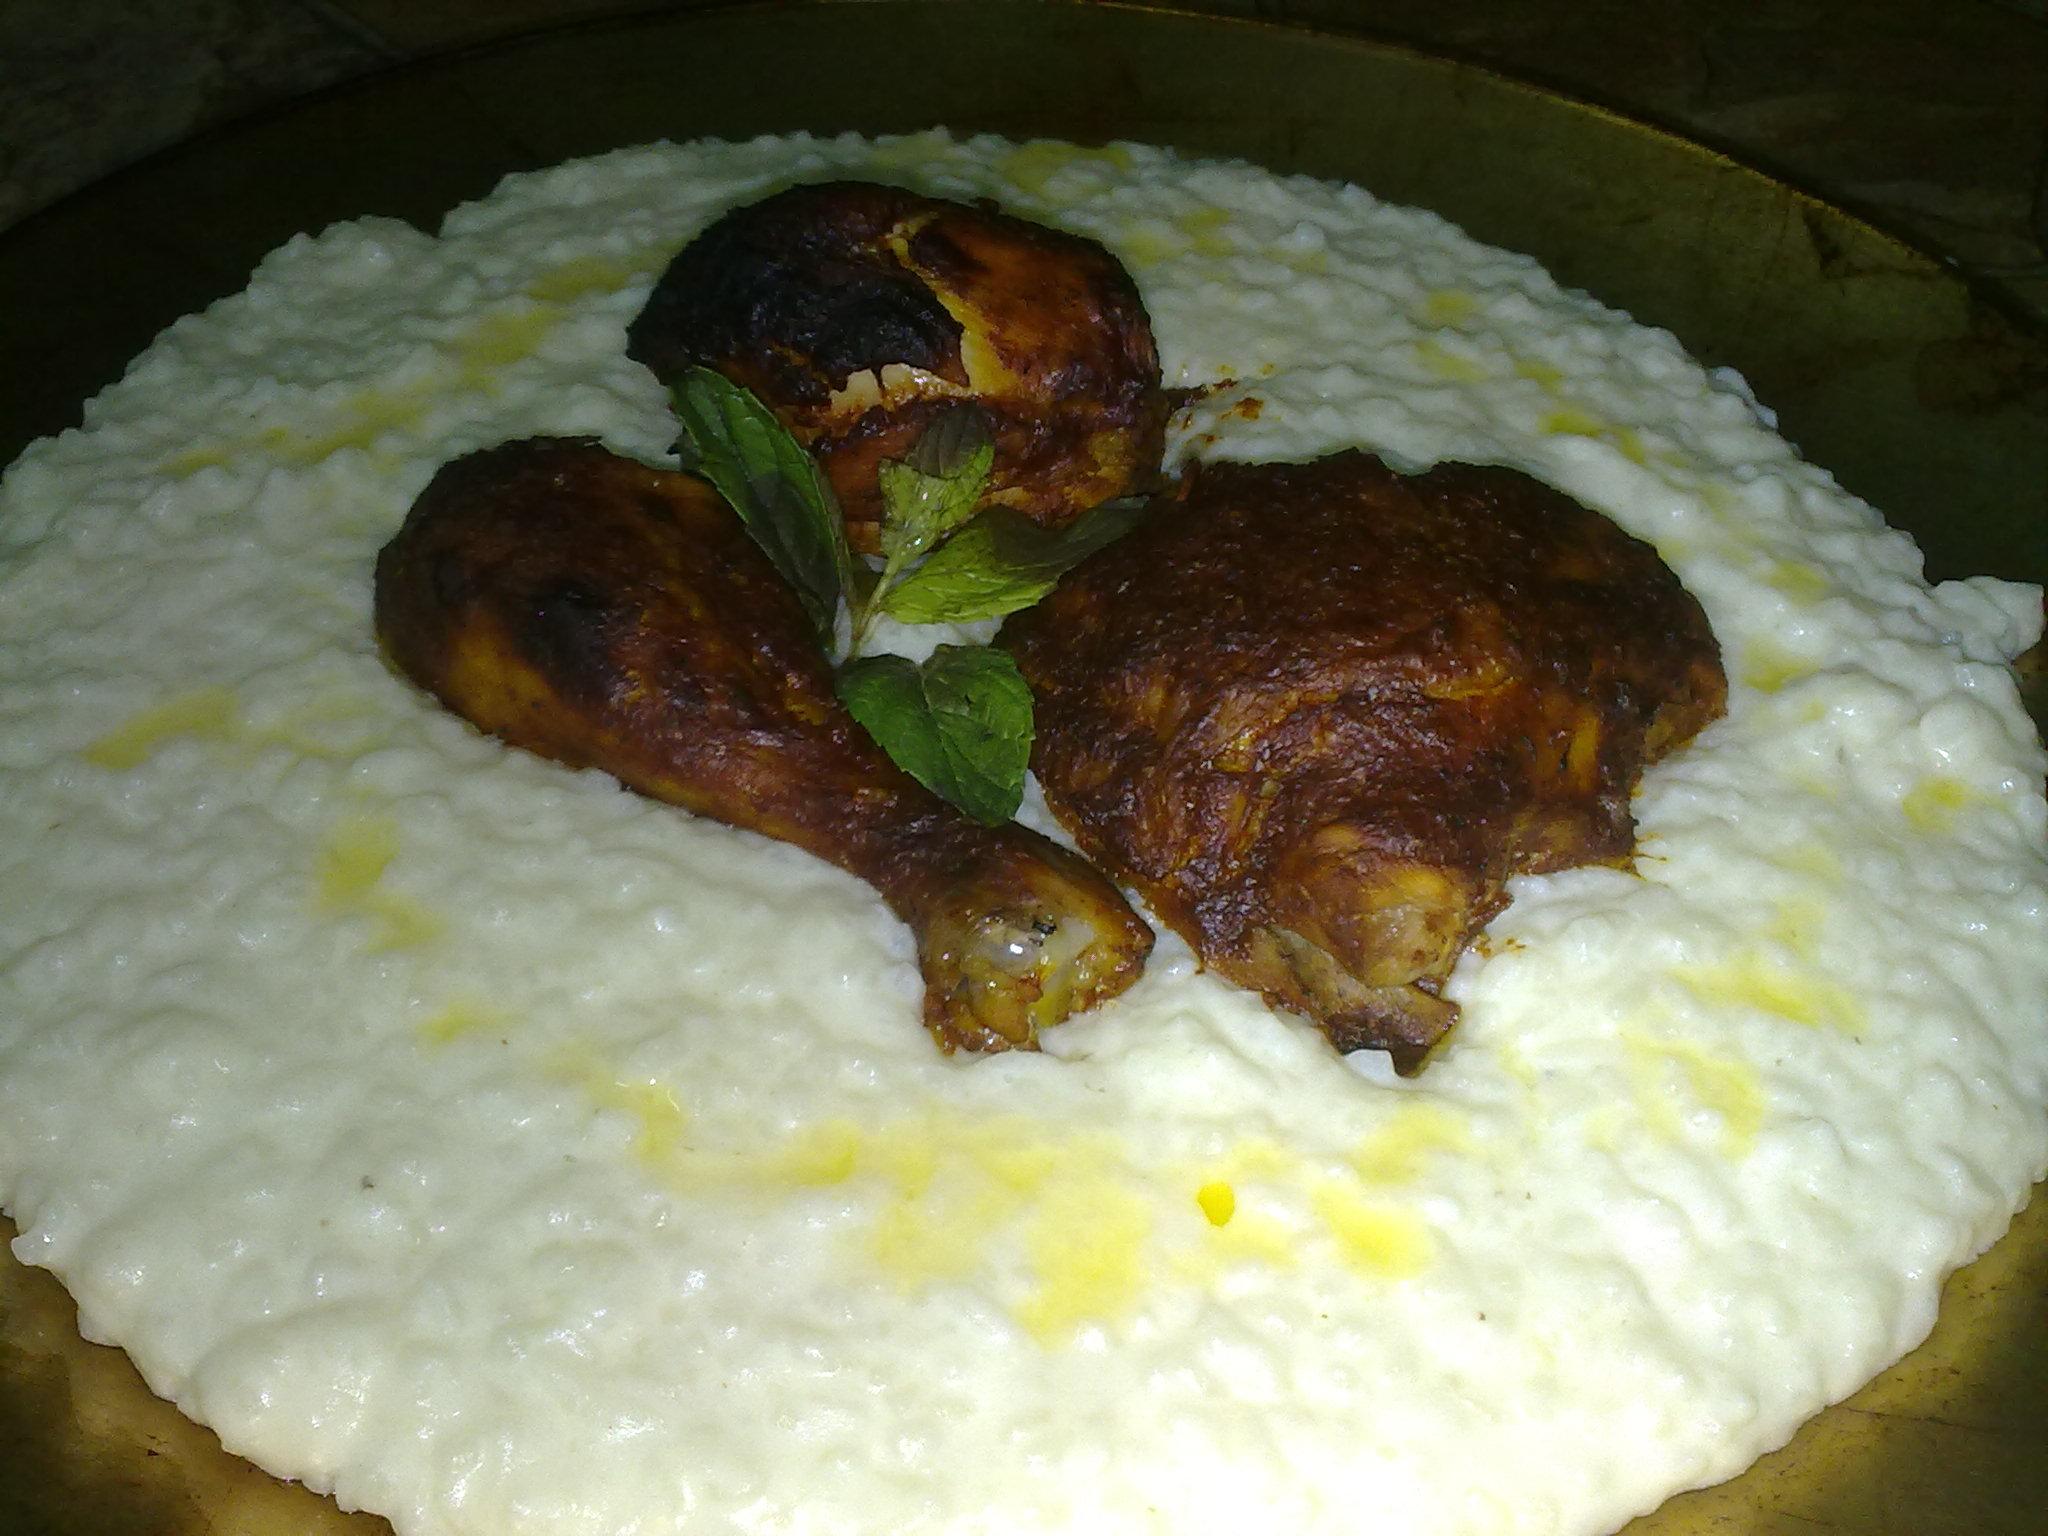 طريقة عمل السليق السعودي بالدجاج واللحم الاكيلة